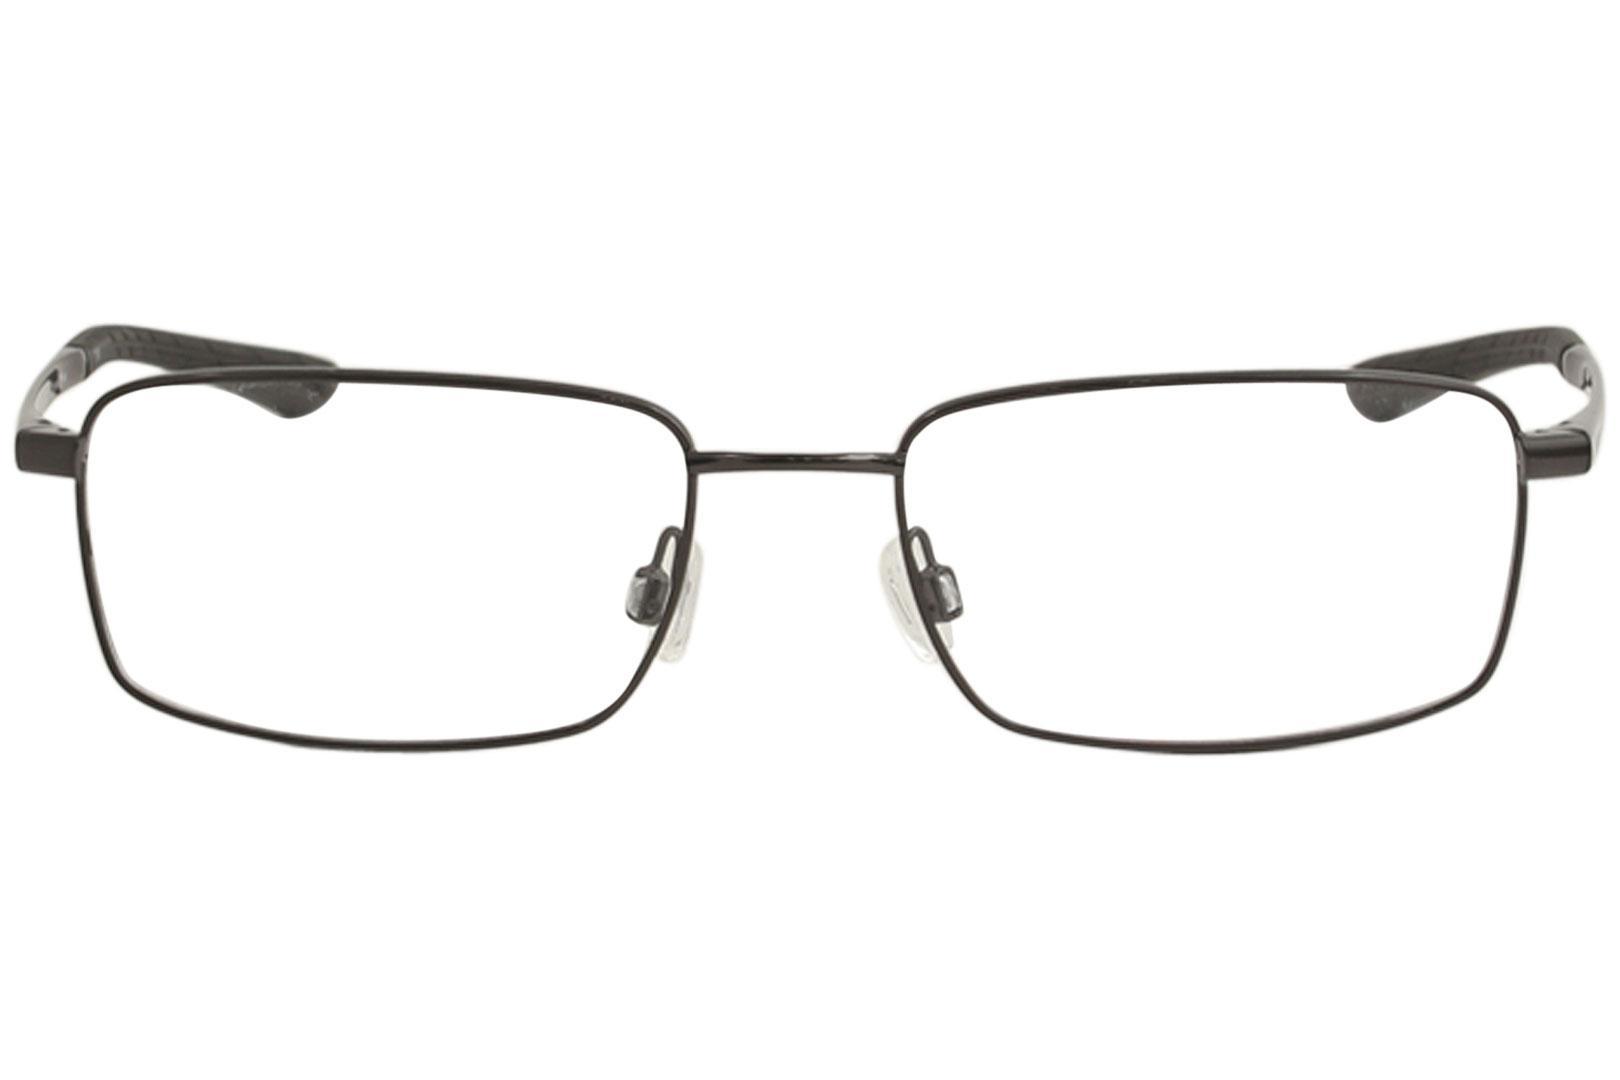 3adb2f95acda Nike Men's Eyeglasses 4283 Full Rim Flexon Optical Frame